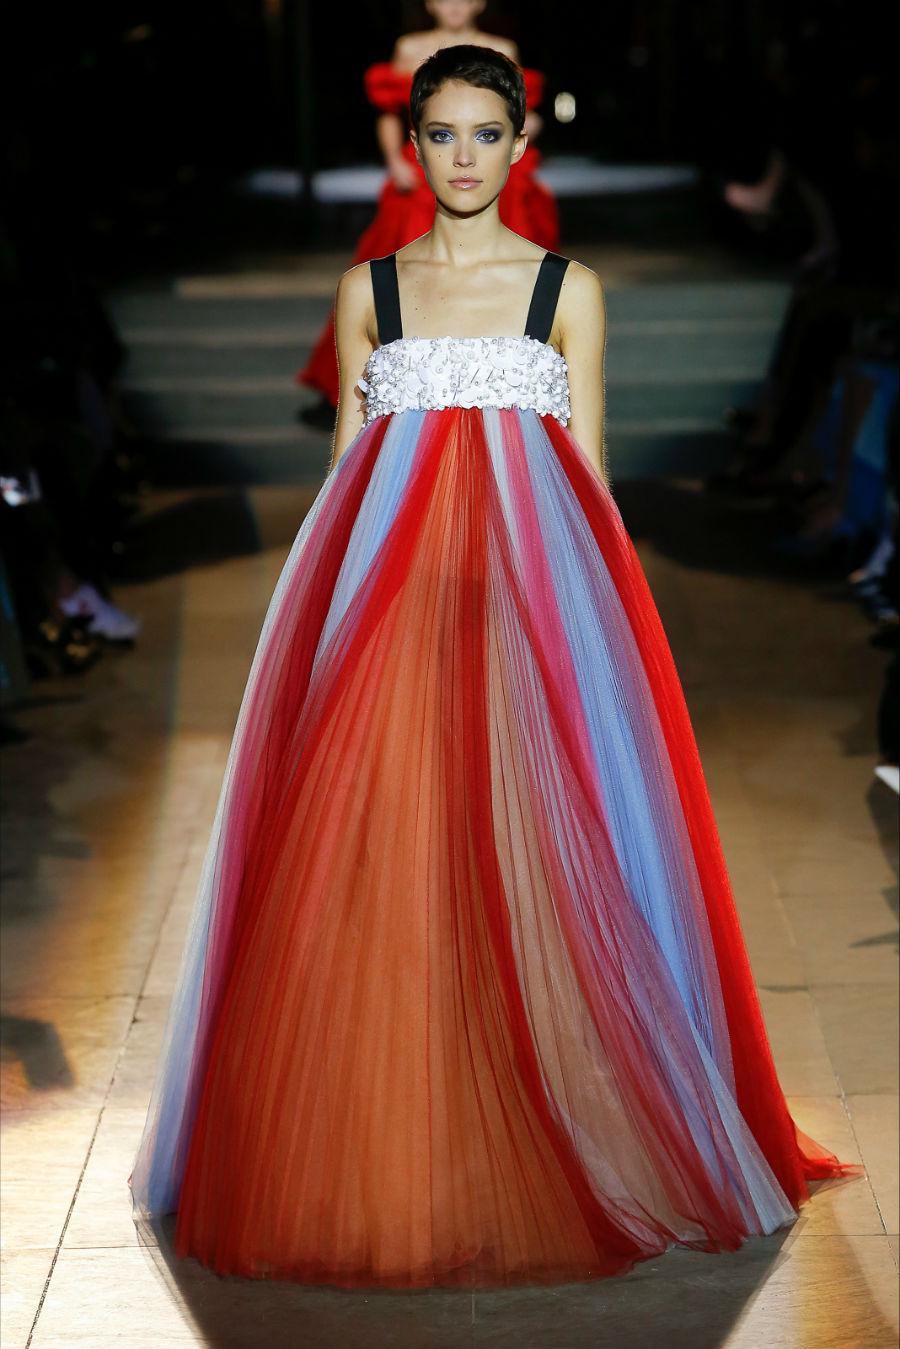 abito in tulle colorato di Carolina Herrera Pre Fall 2018 - credits Carolina Herrera